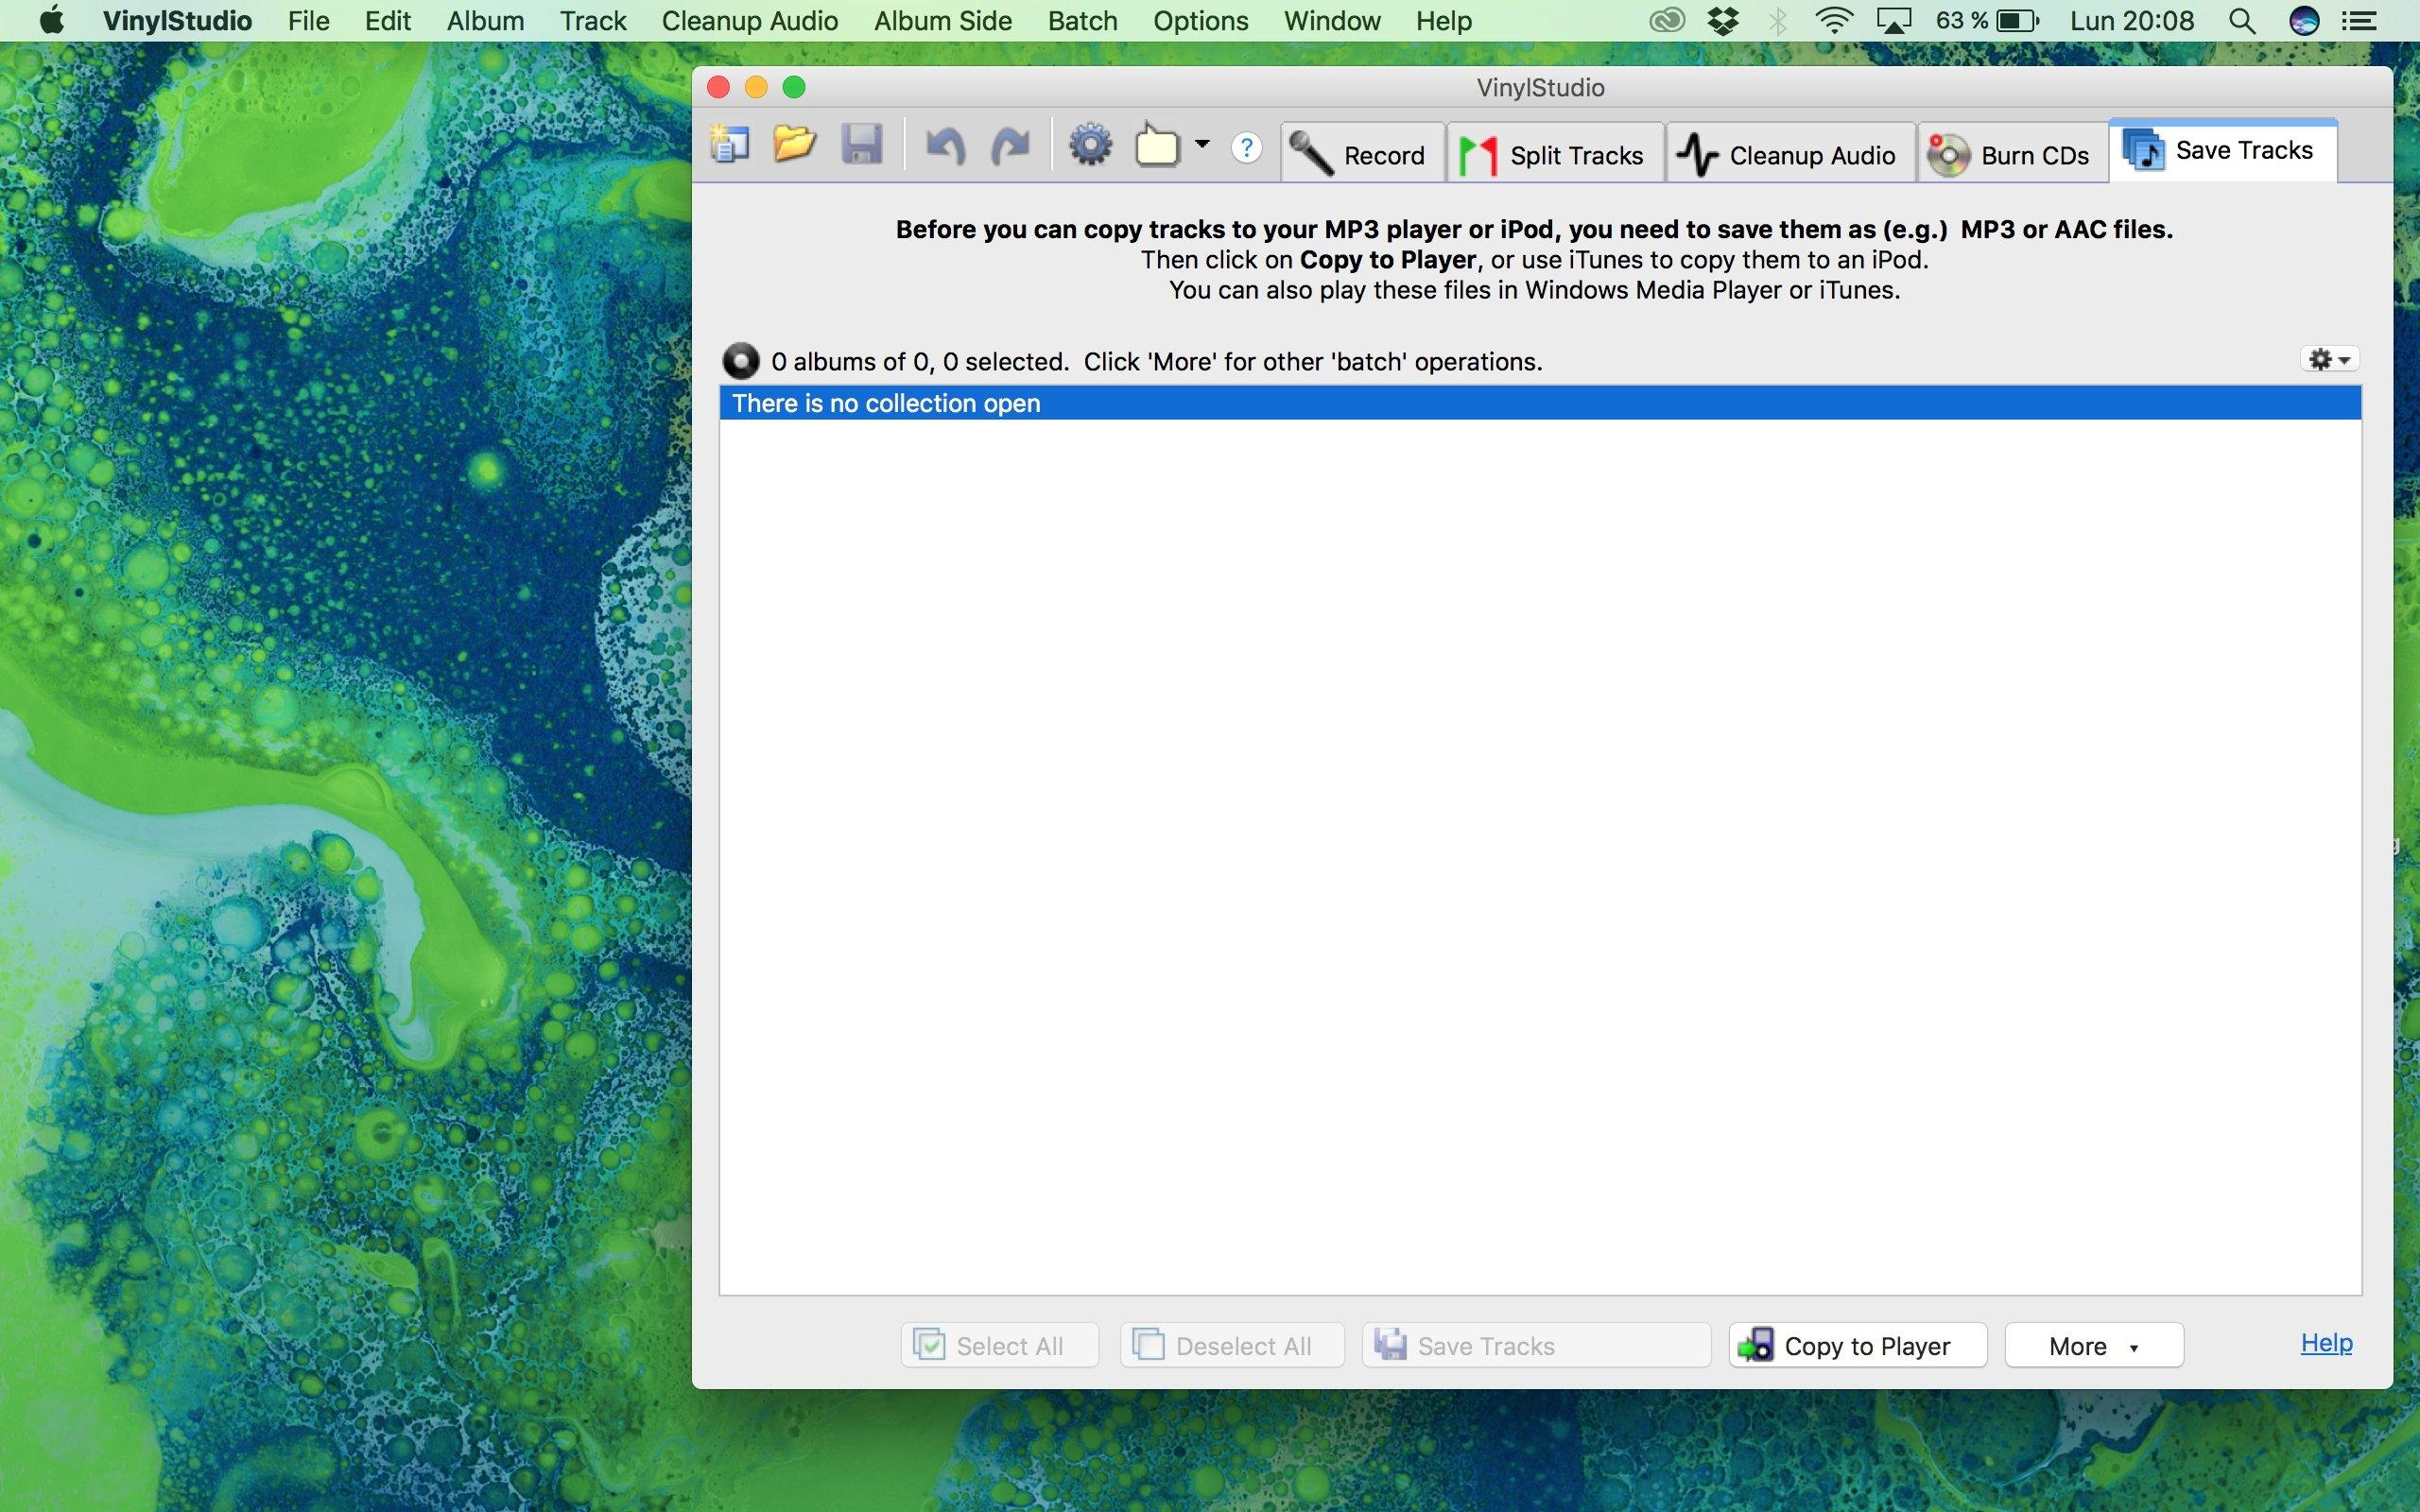 VinylStudio Mac image 5